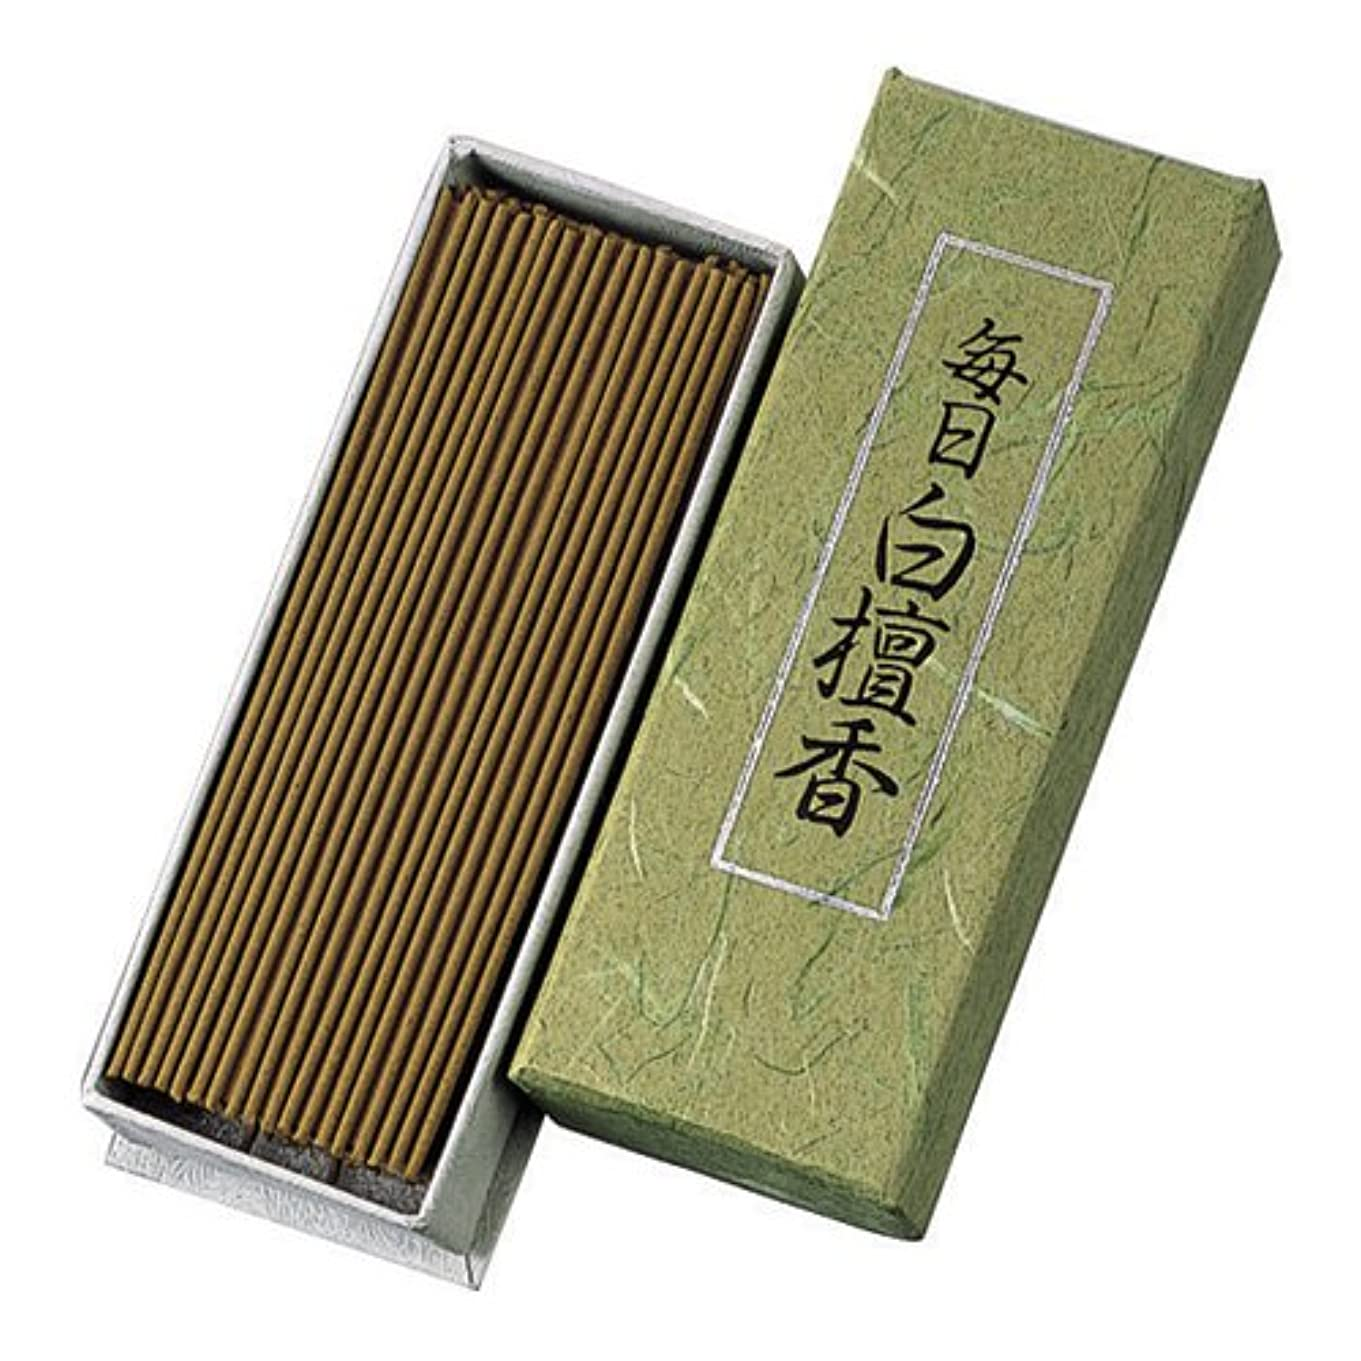 つま先ファンタジー平方Nippon Kodo – Mainichi Byakudan – Sandalwood Incense 150 sticks